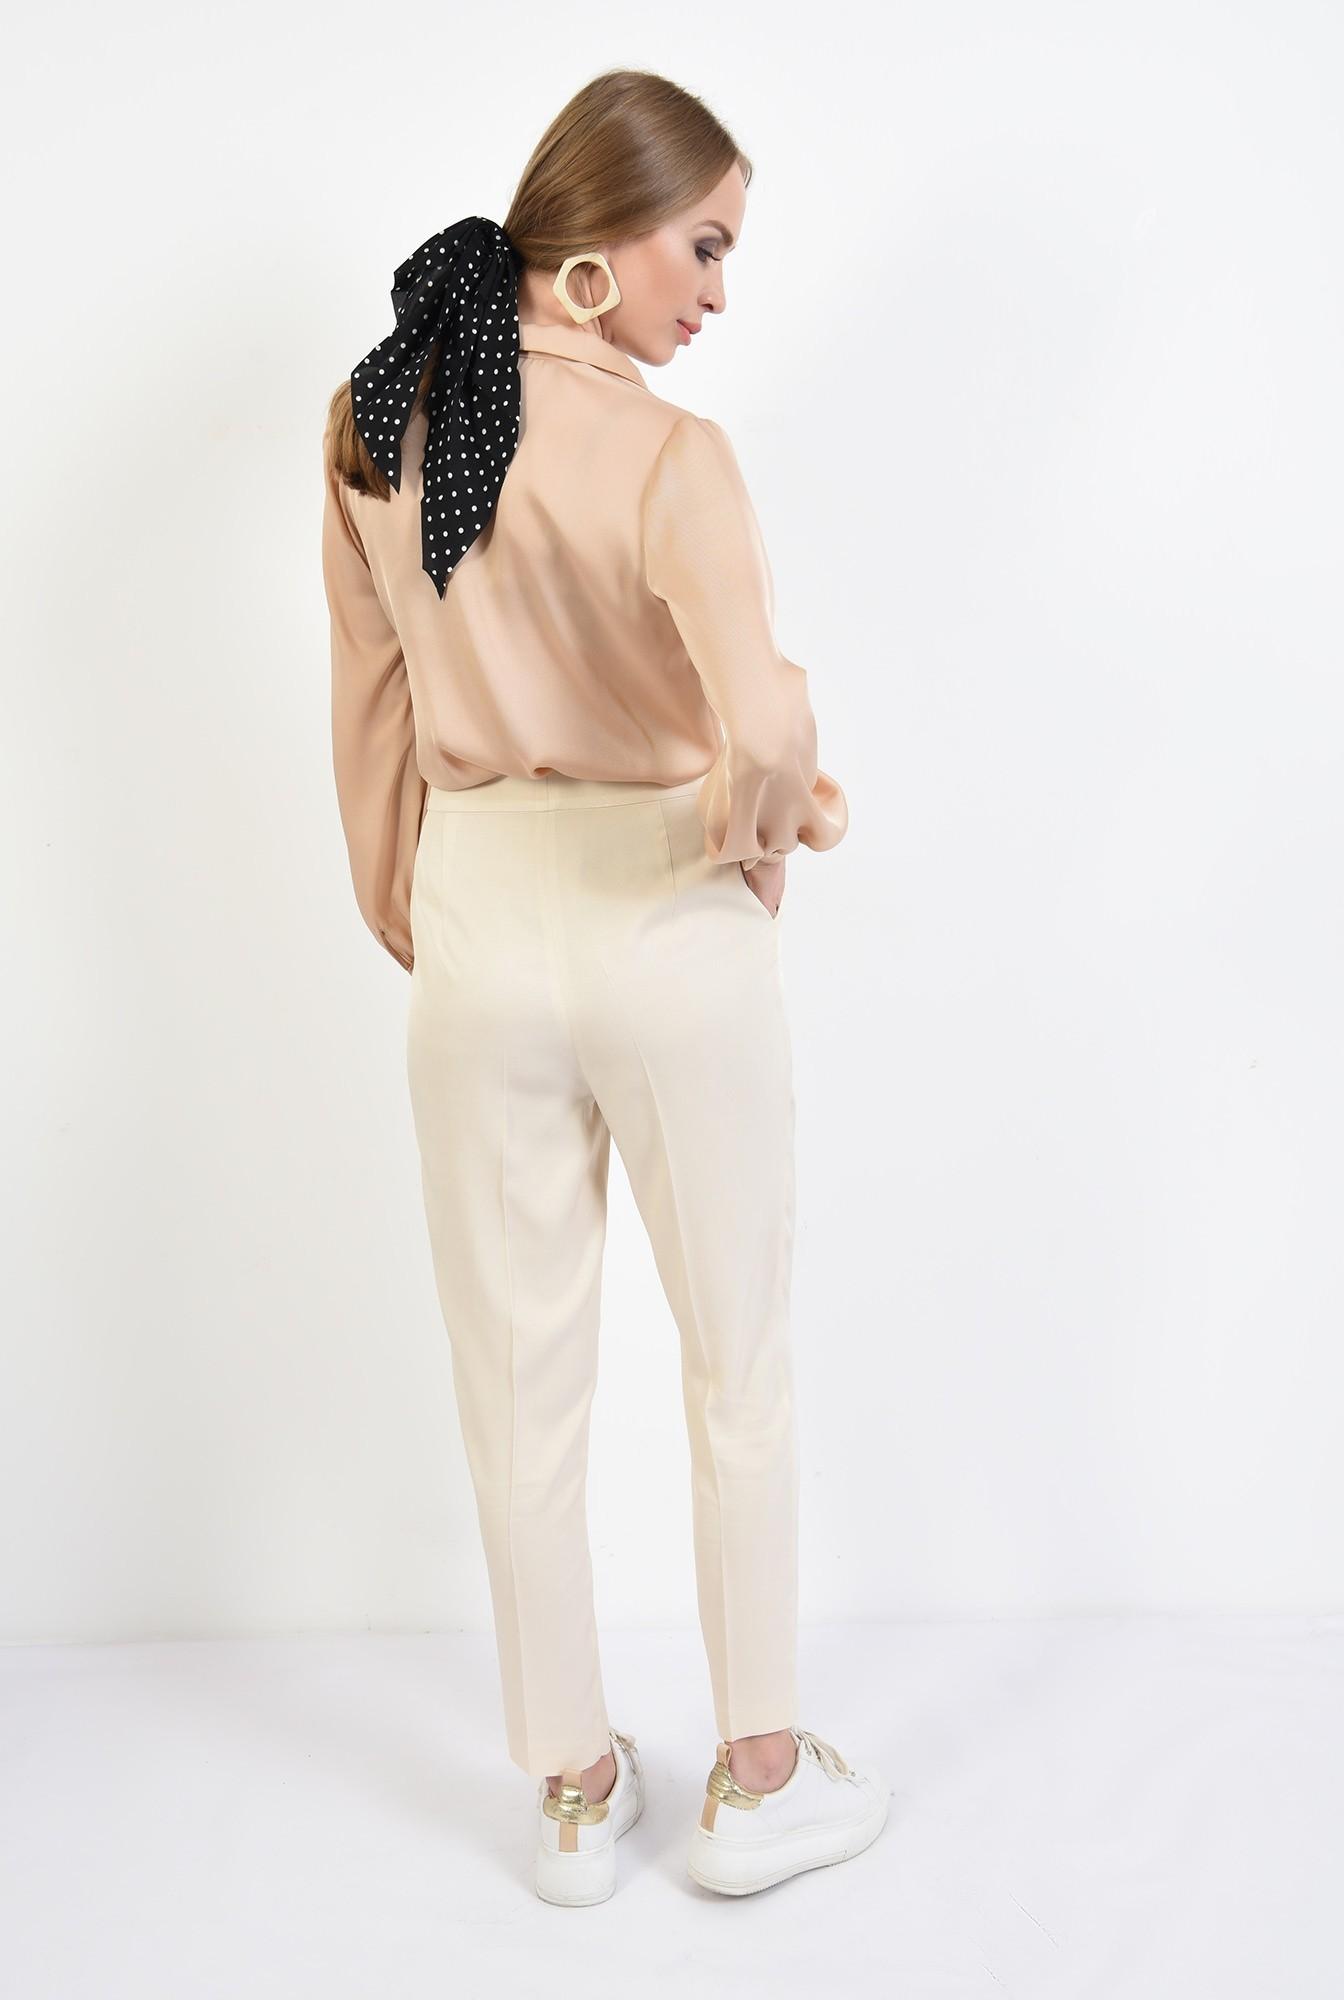 1 - 360 - pantaloni casual, crem, conici, cu pense, Poema